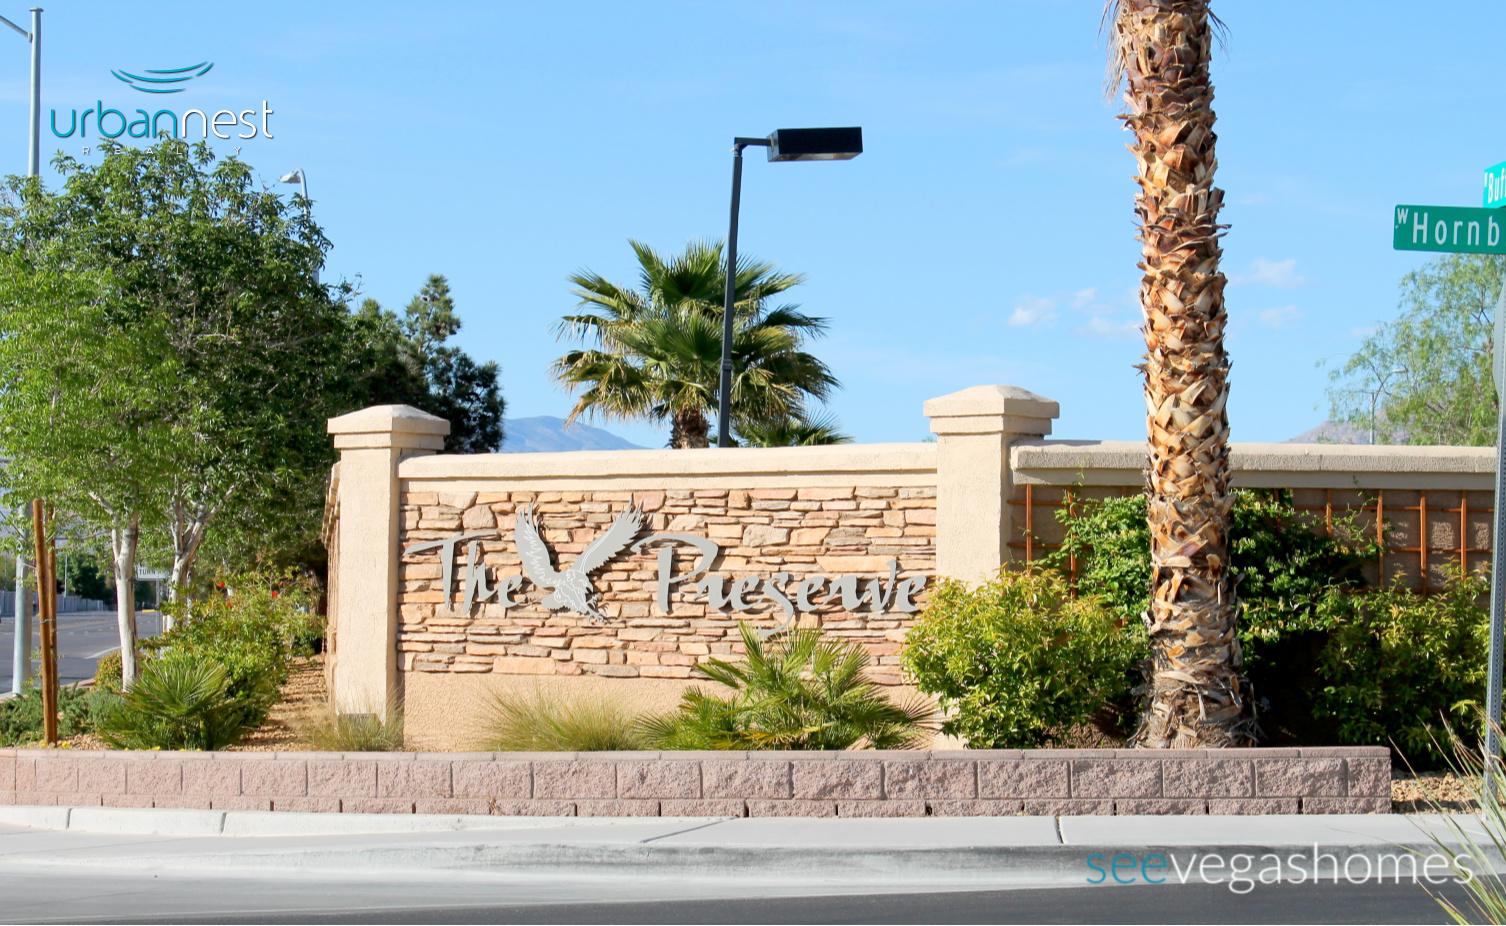 The_Preserve_Las_Vegas_NV_89131_SeeVegasHomes